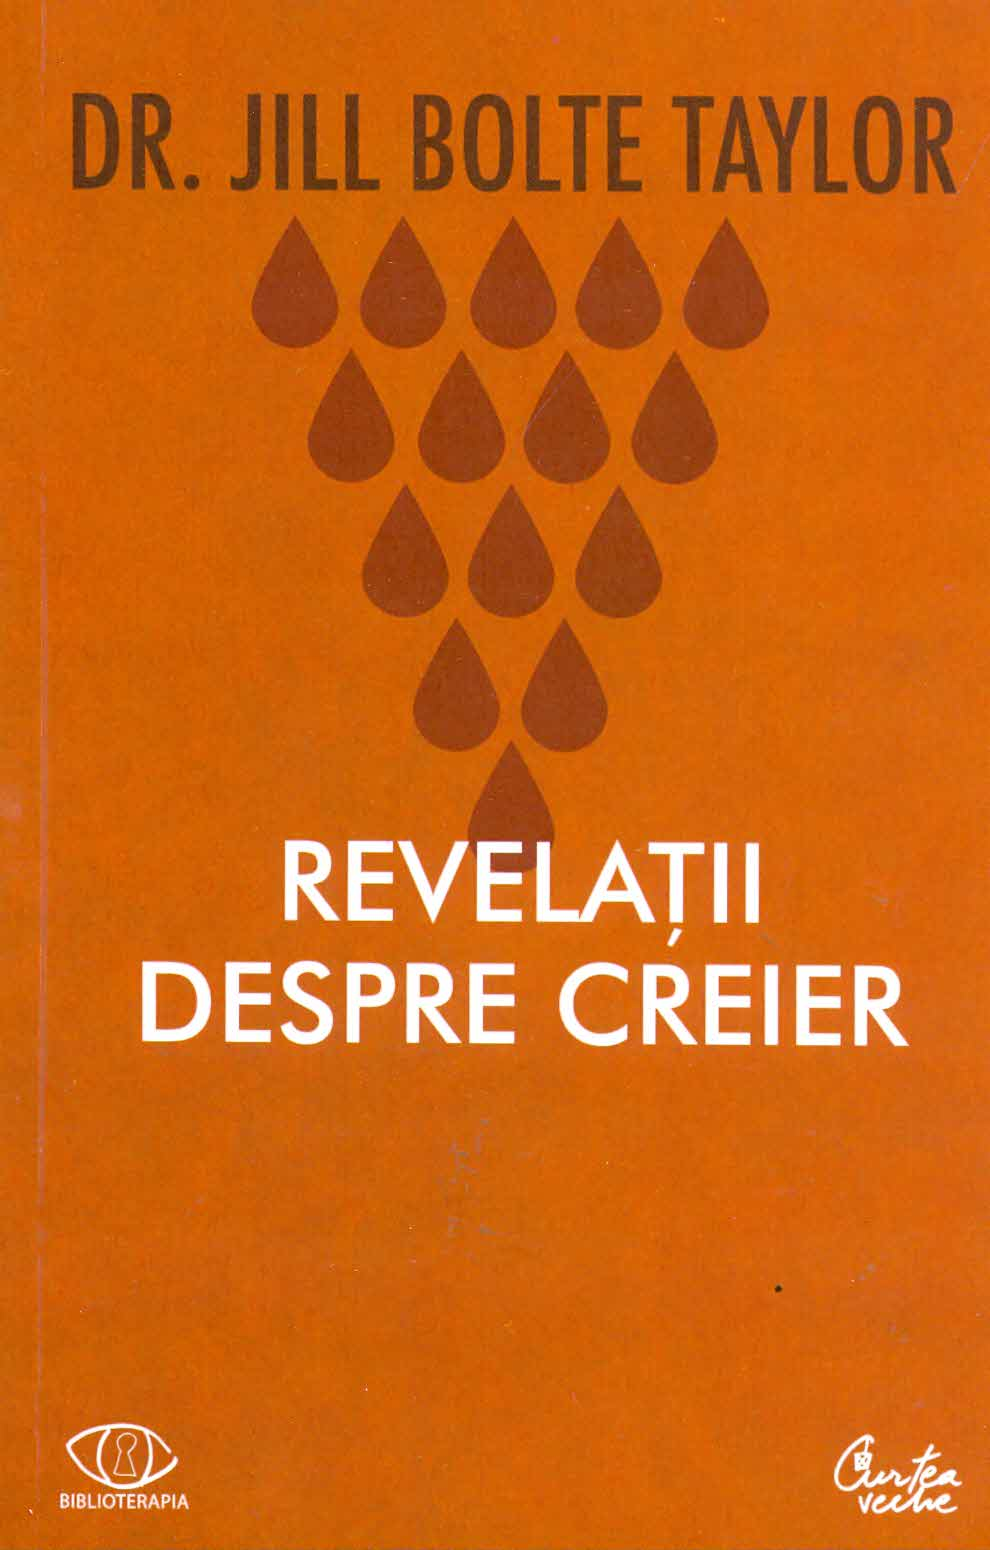 REVELATII DESPRE CREIER